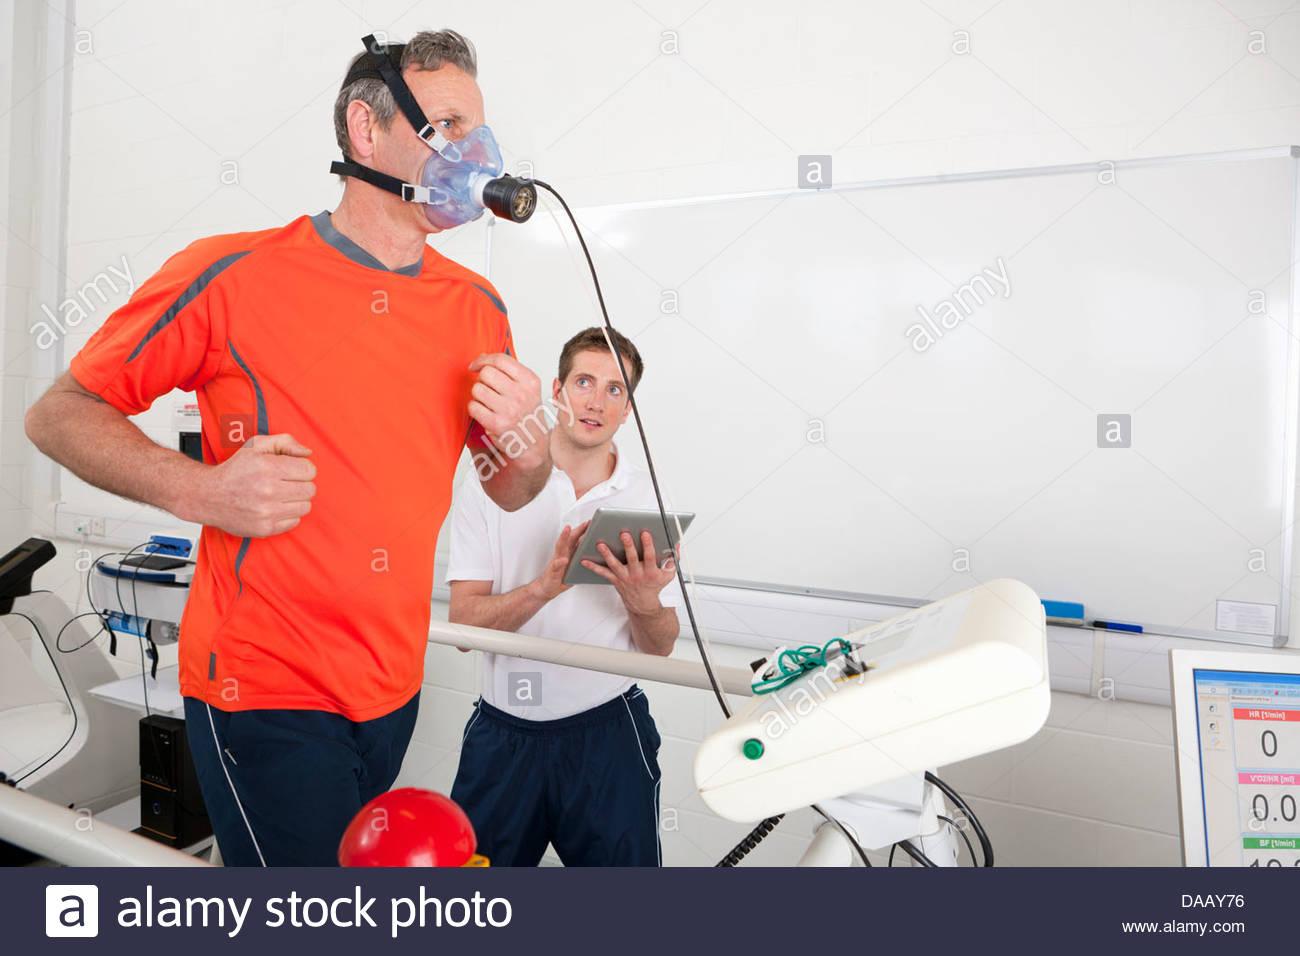 Deportes científico con supervisión de tableta digital runner con máscara en cinta en laboratorio Foto de stock